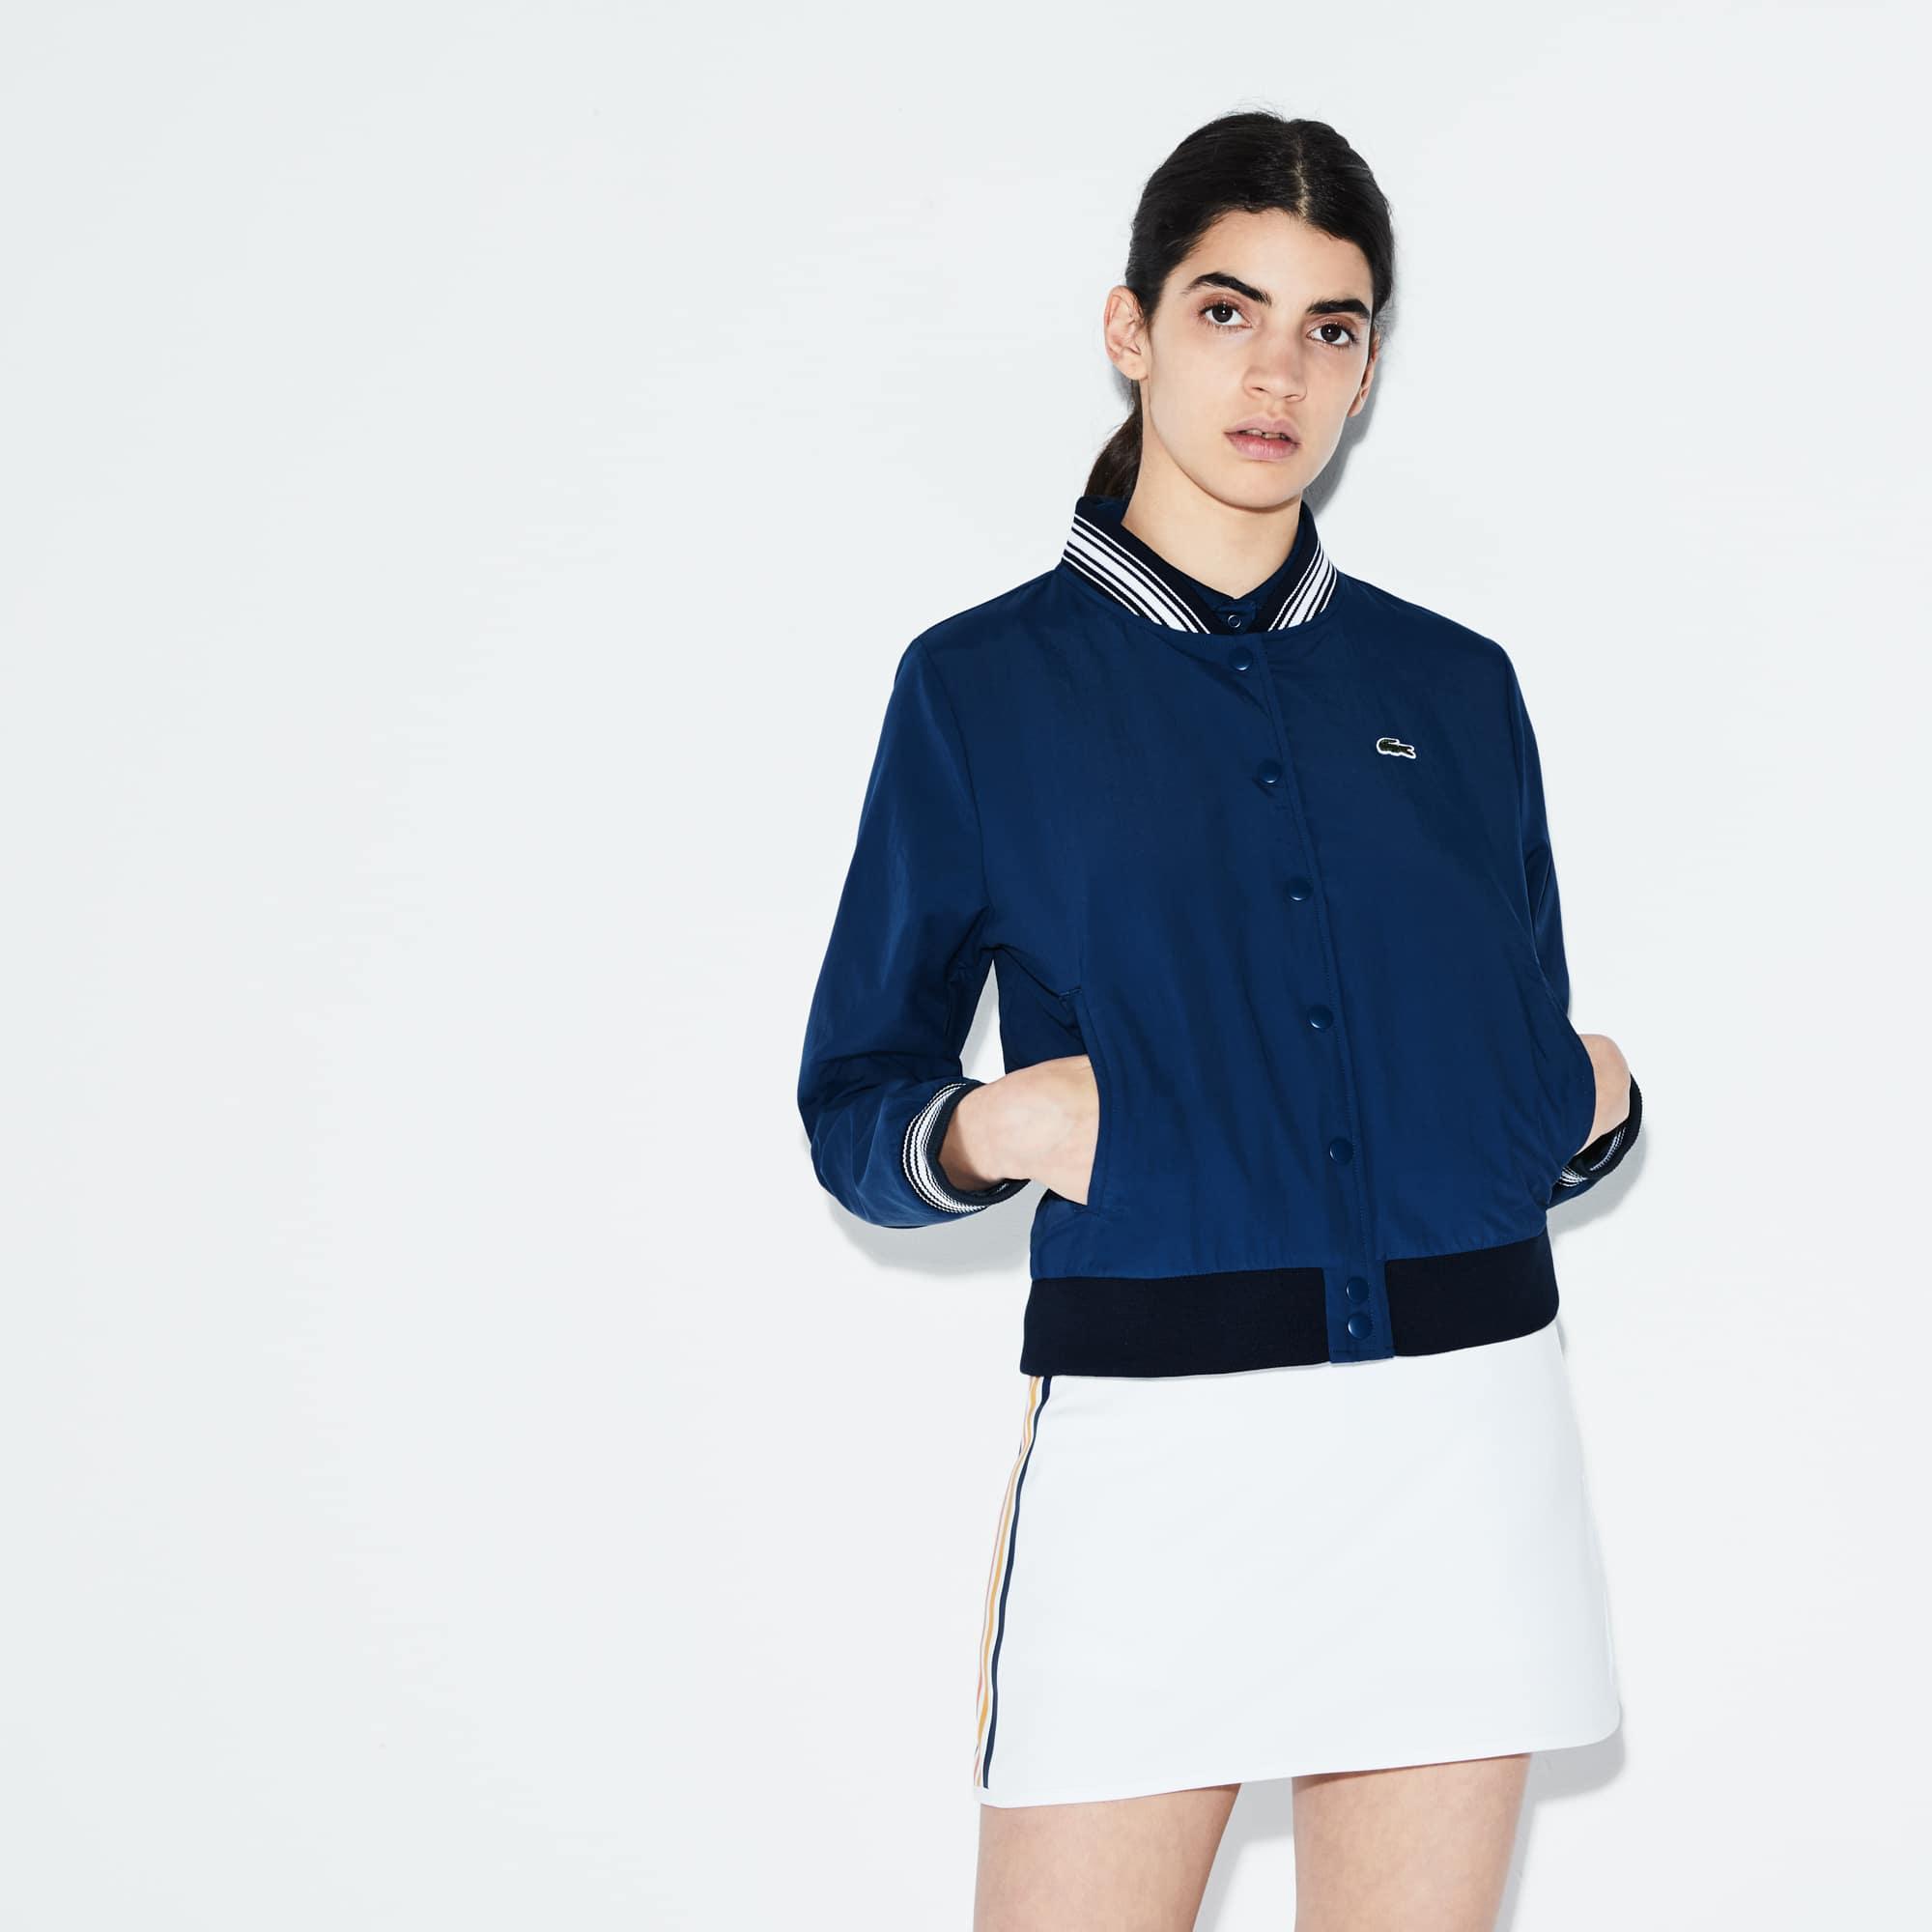 Blusão Tennis Lacoste SPORT em tafetá com pormenores a contrastar